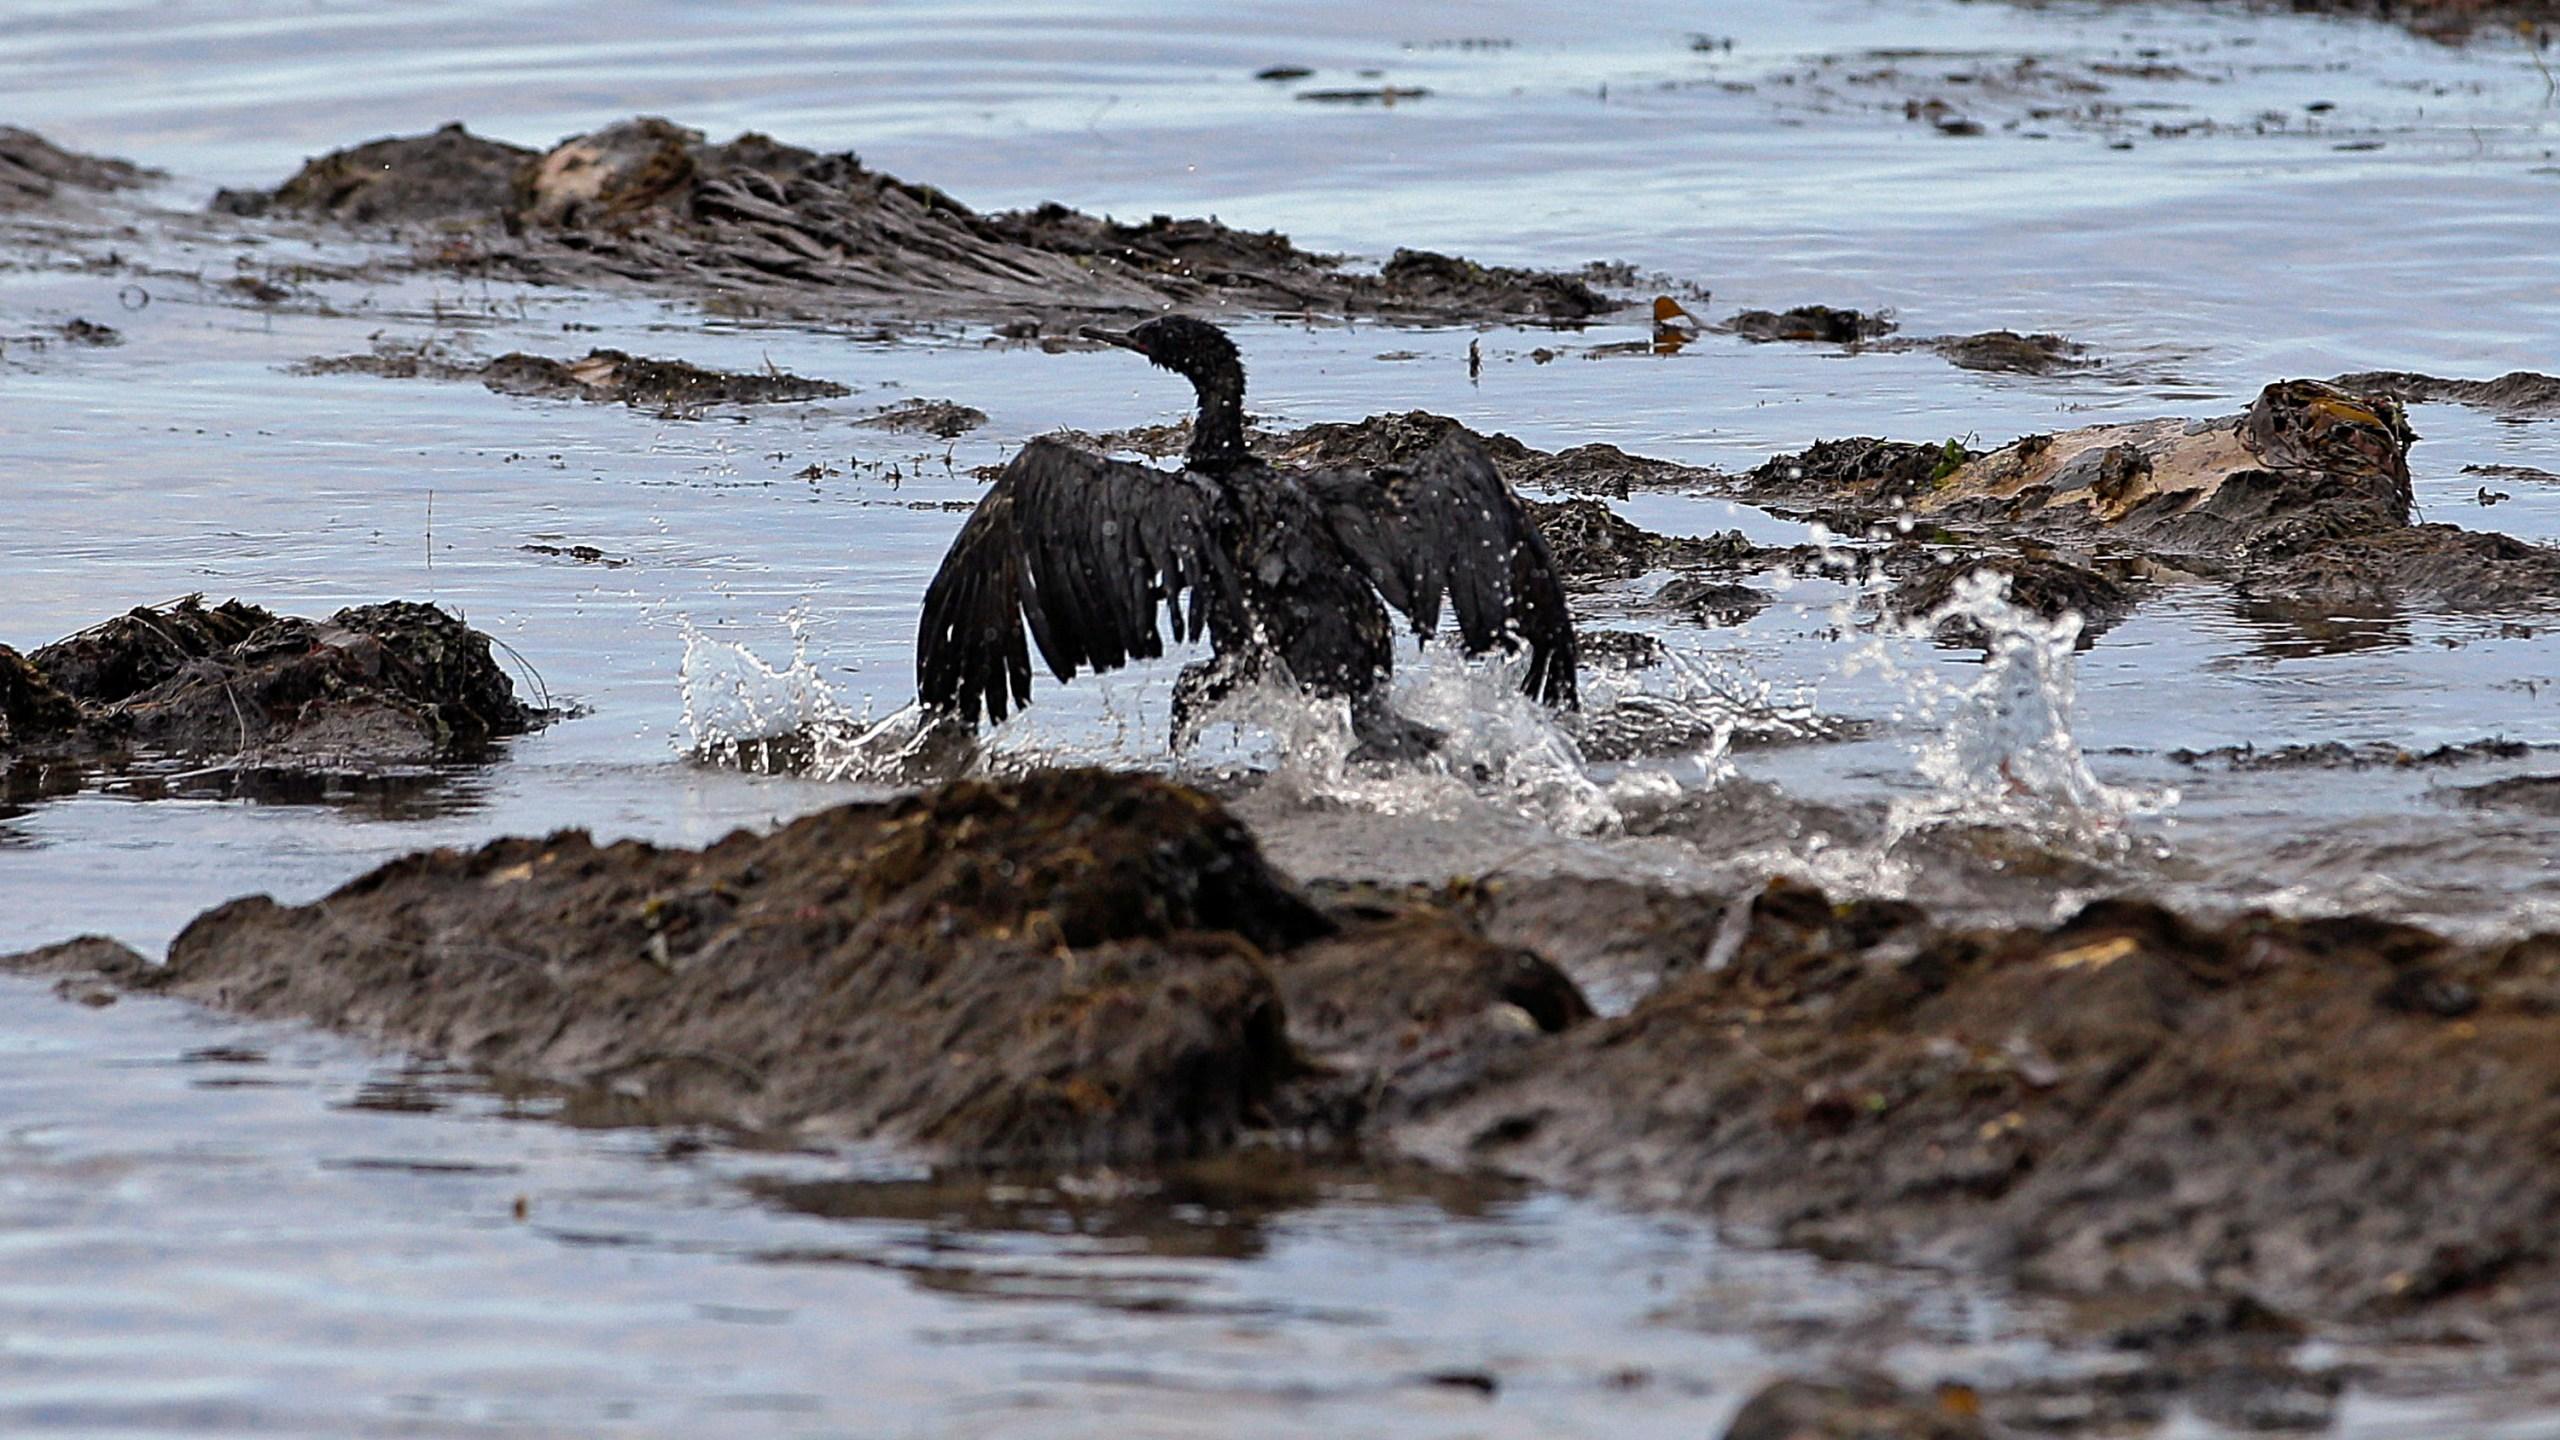 California_Oil_Spill_Verdict_32398-159532.jpg19300355